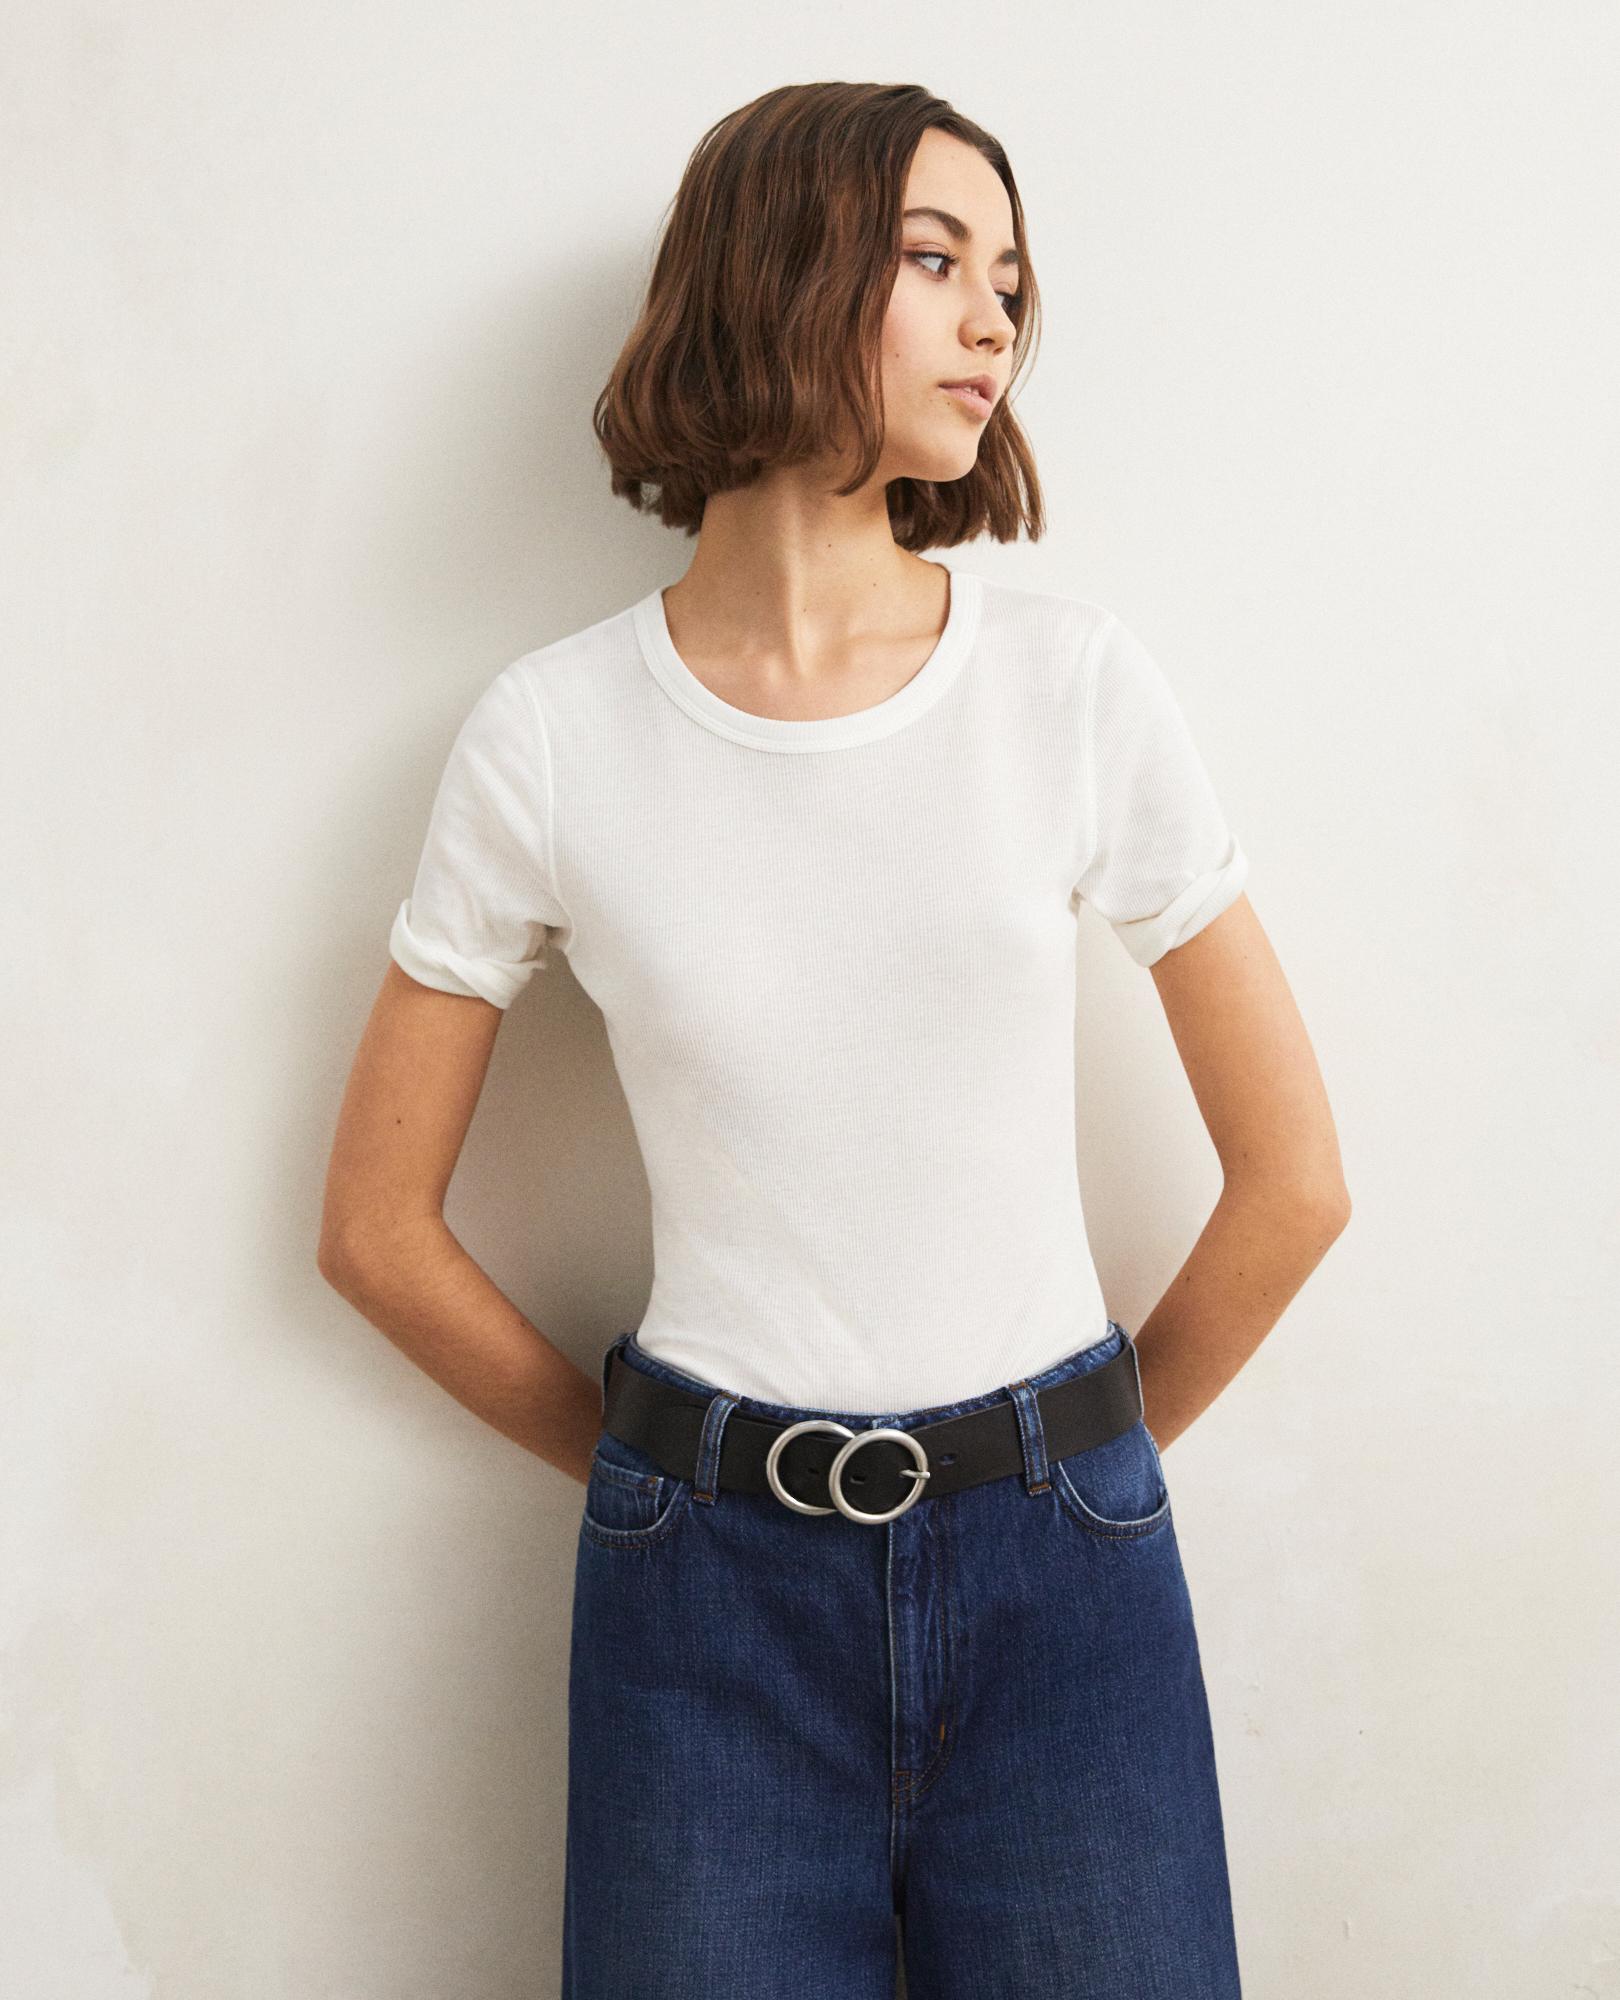 Tailoring Des Vestes Cotonniers Femme TailleurPantalonsComptoir Pkn0Ow